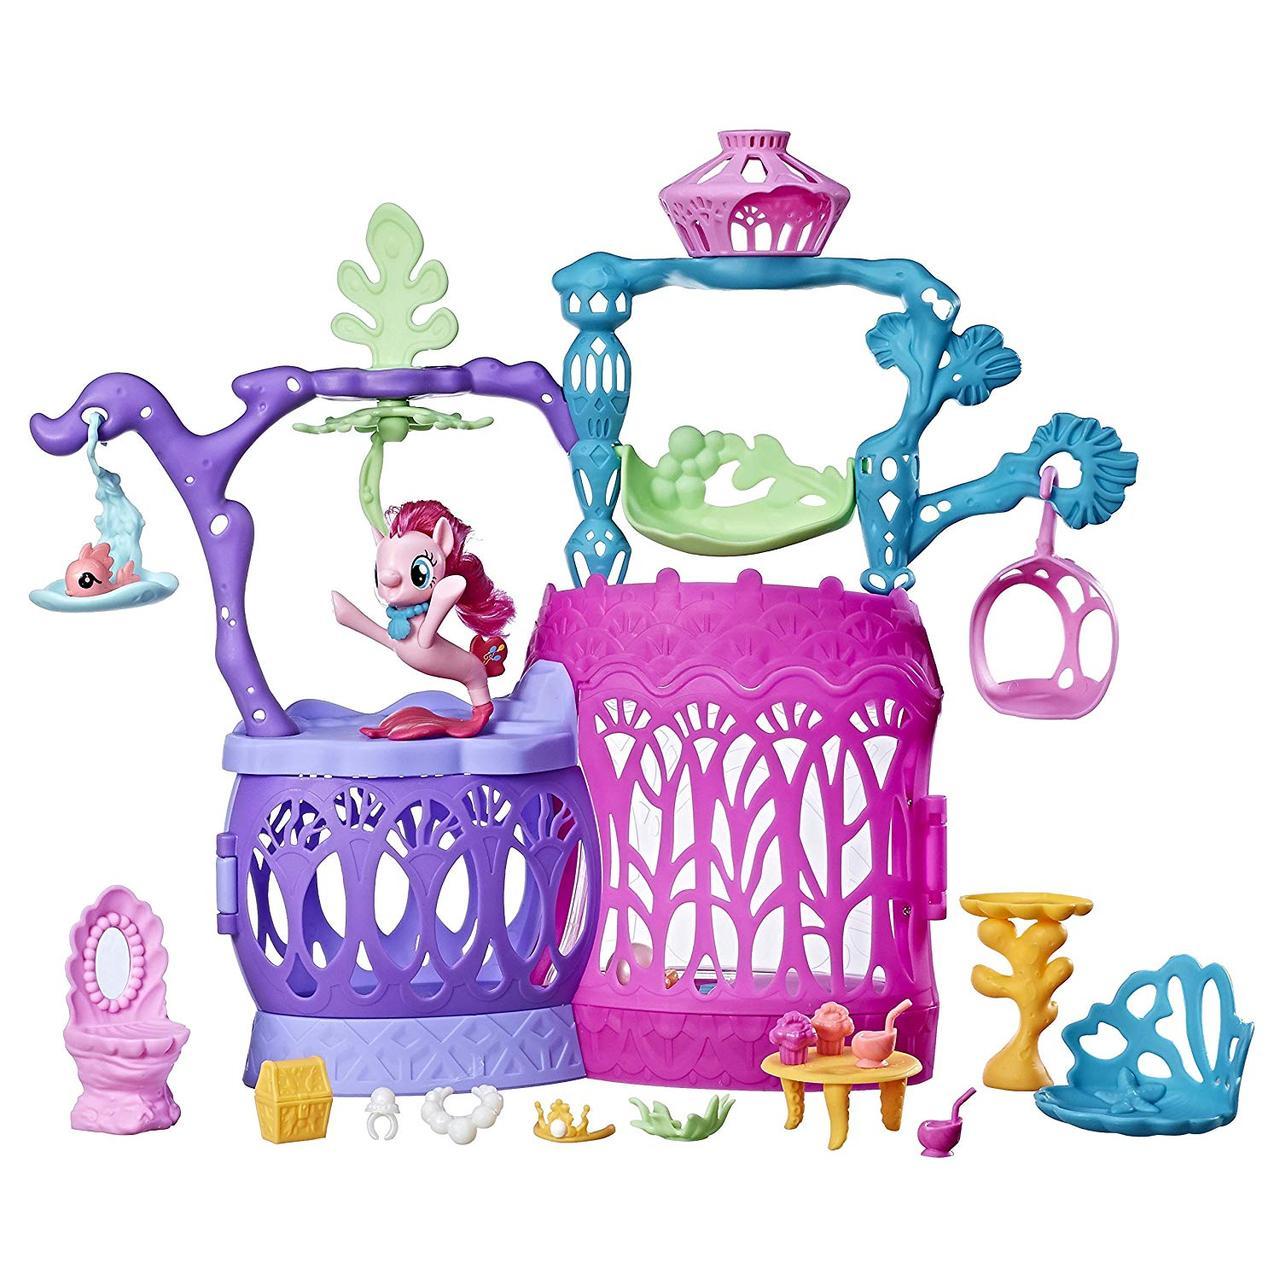 Игровой набор My Little pony замок Мерцание с Пинки Пай